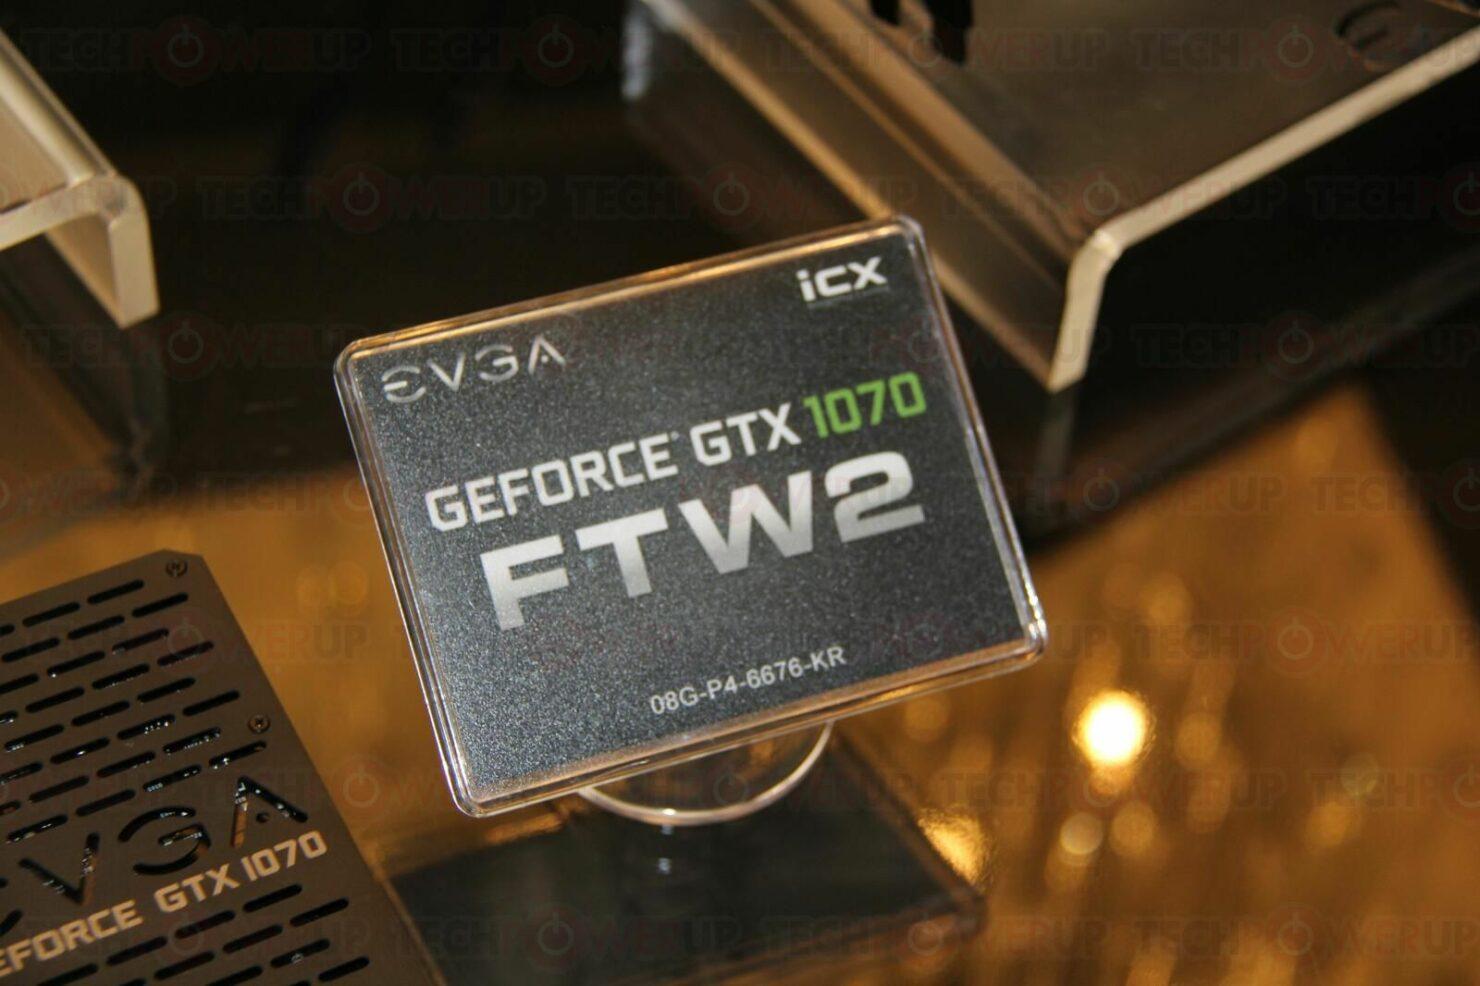 evga-geforce-gtx-1070-ftw2_2